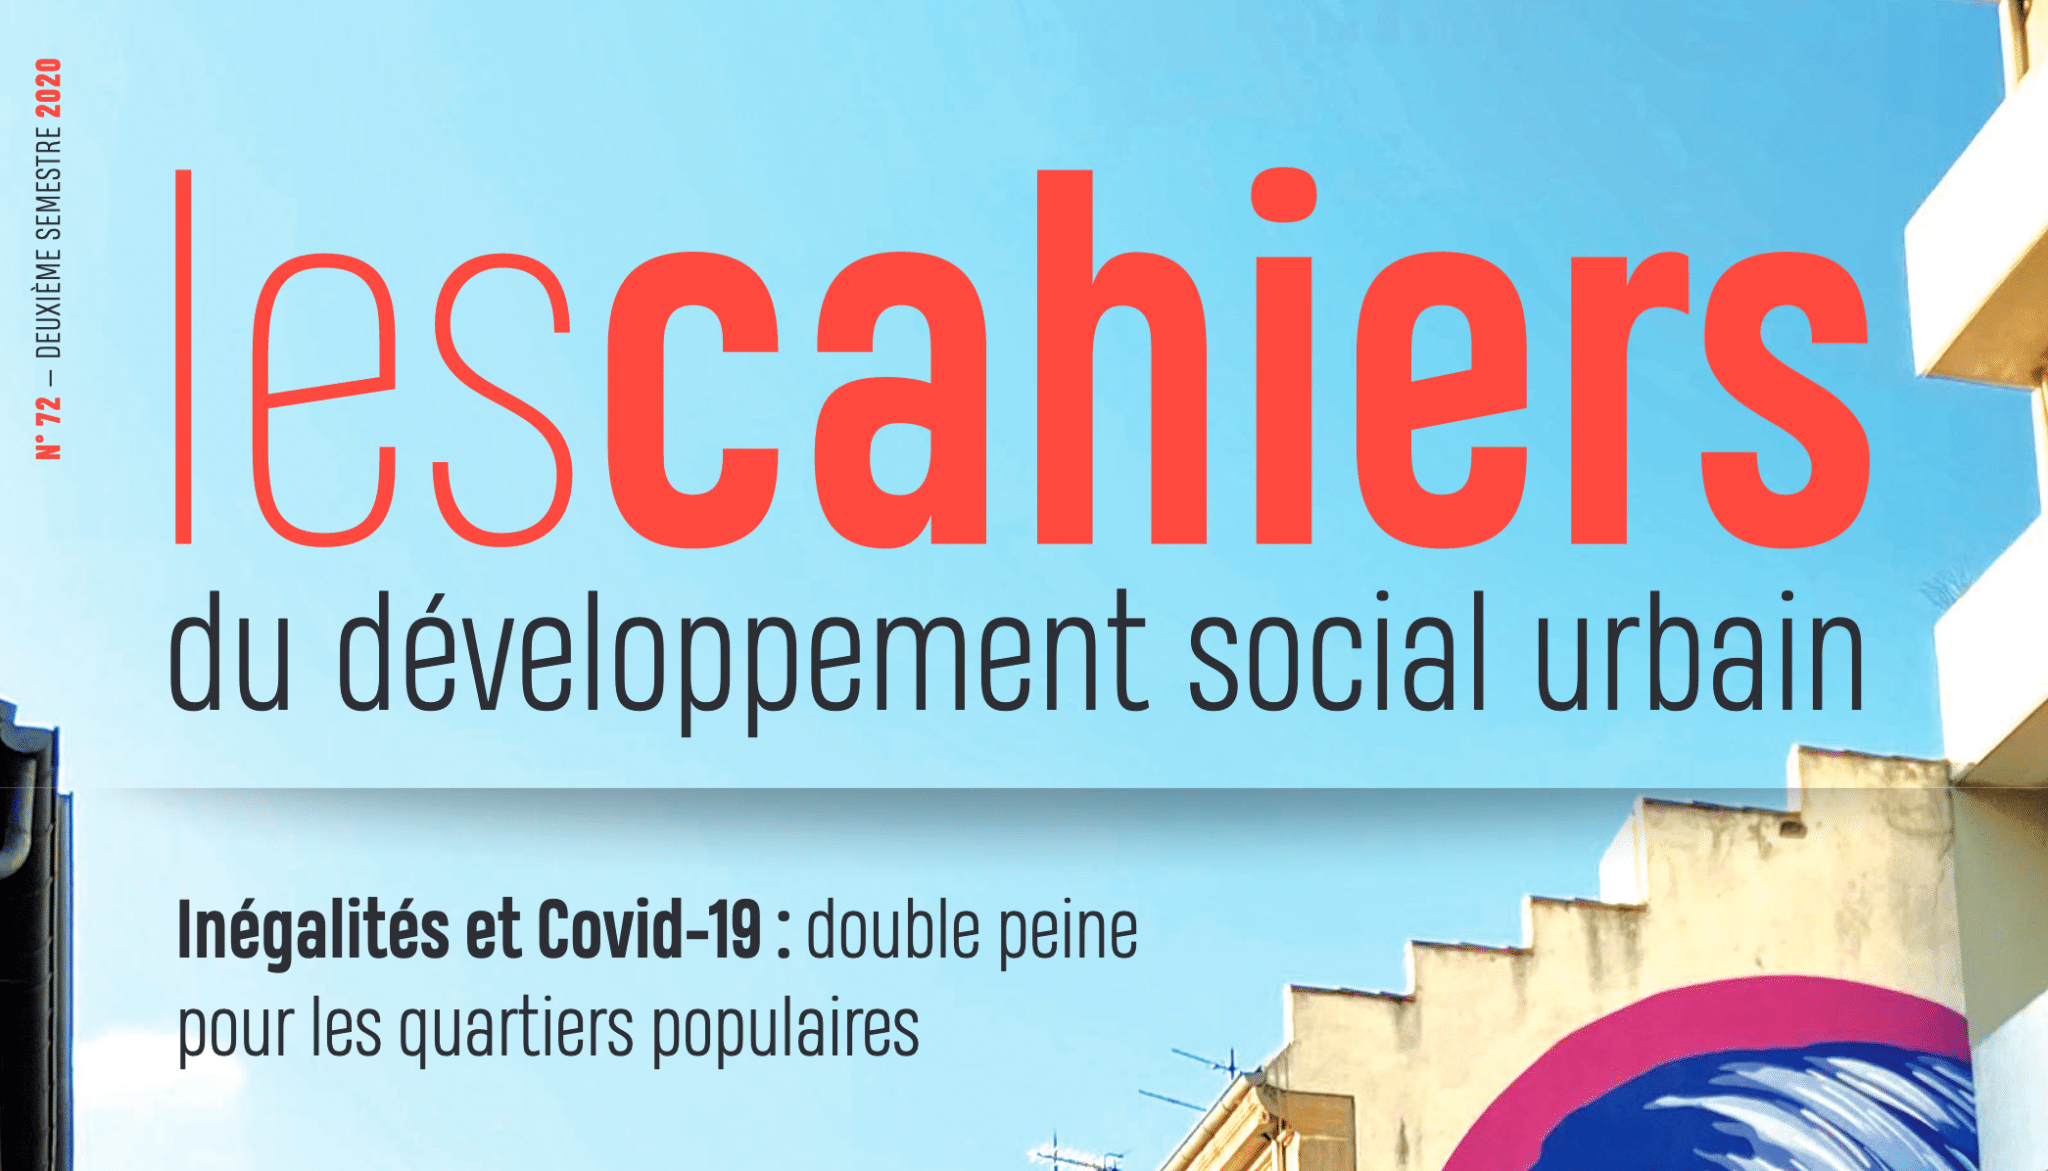 """""""Inégalités et Covid-19 : double peine pour les quartiers populaires"""""""